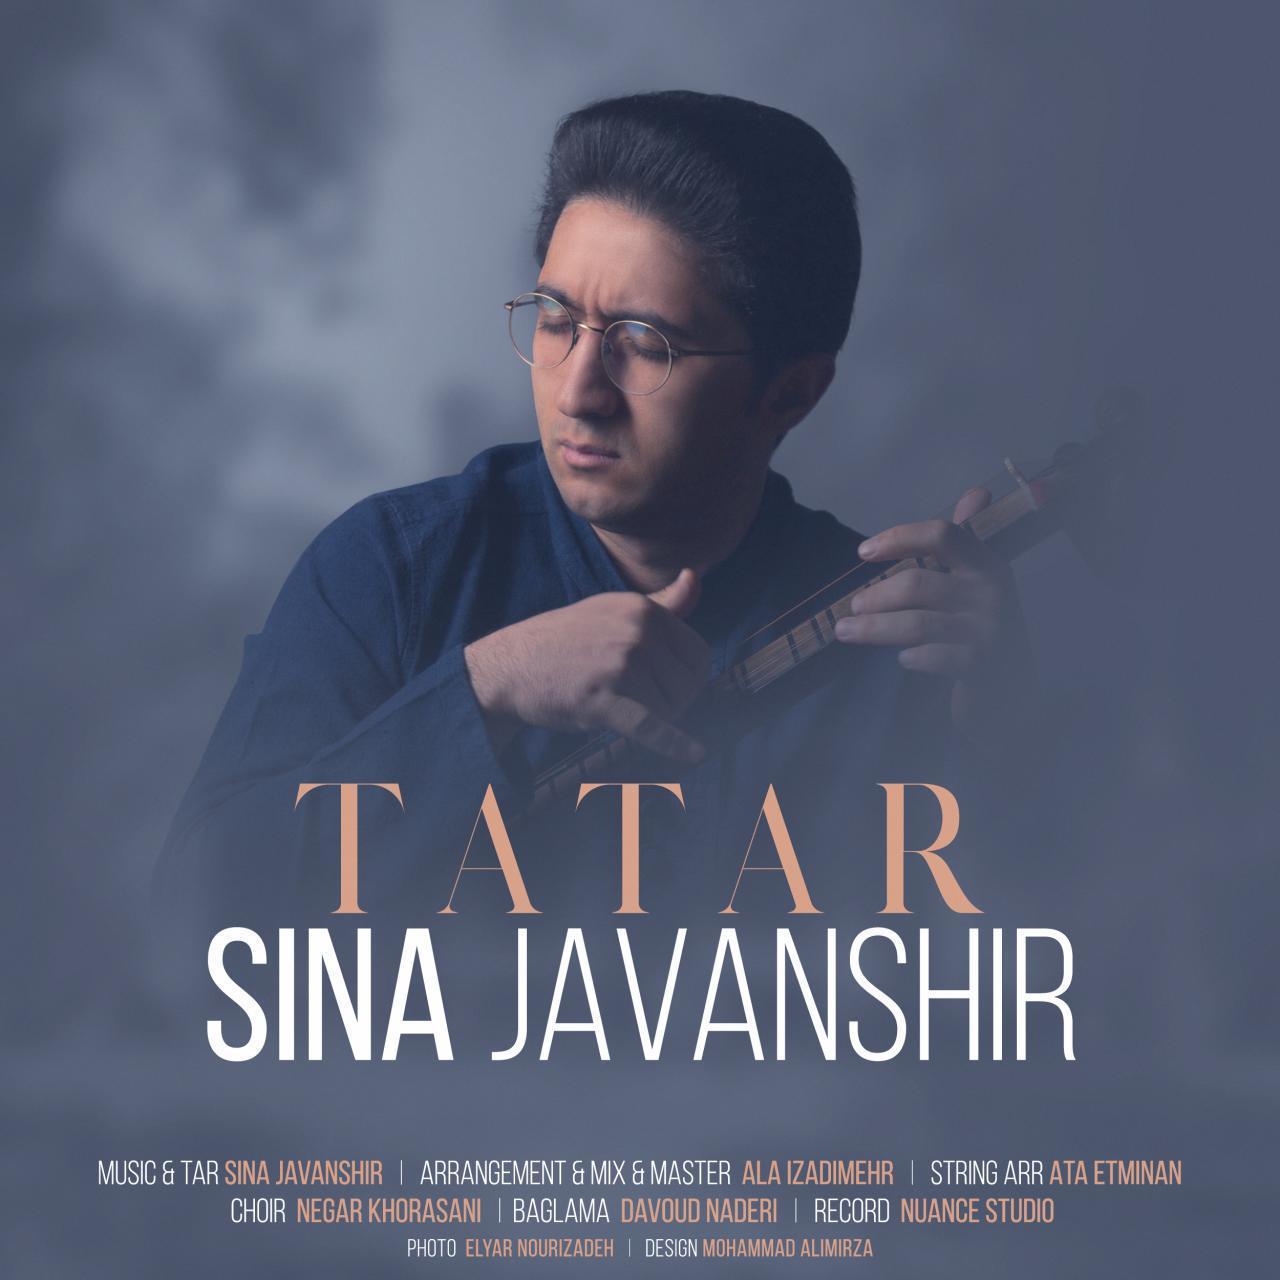 Sina Javanshir – Tatar